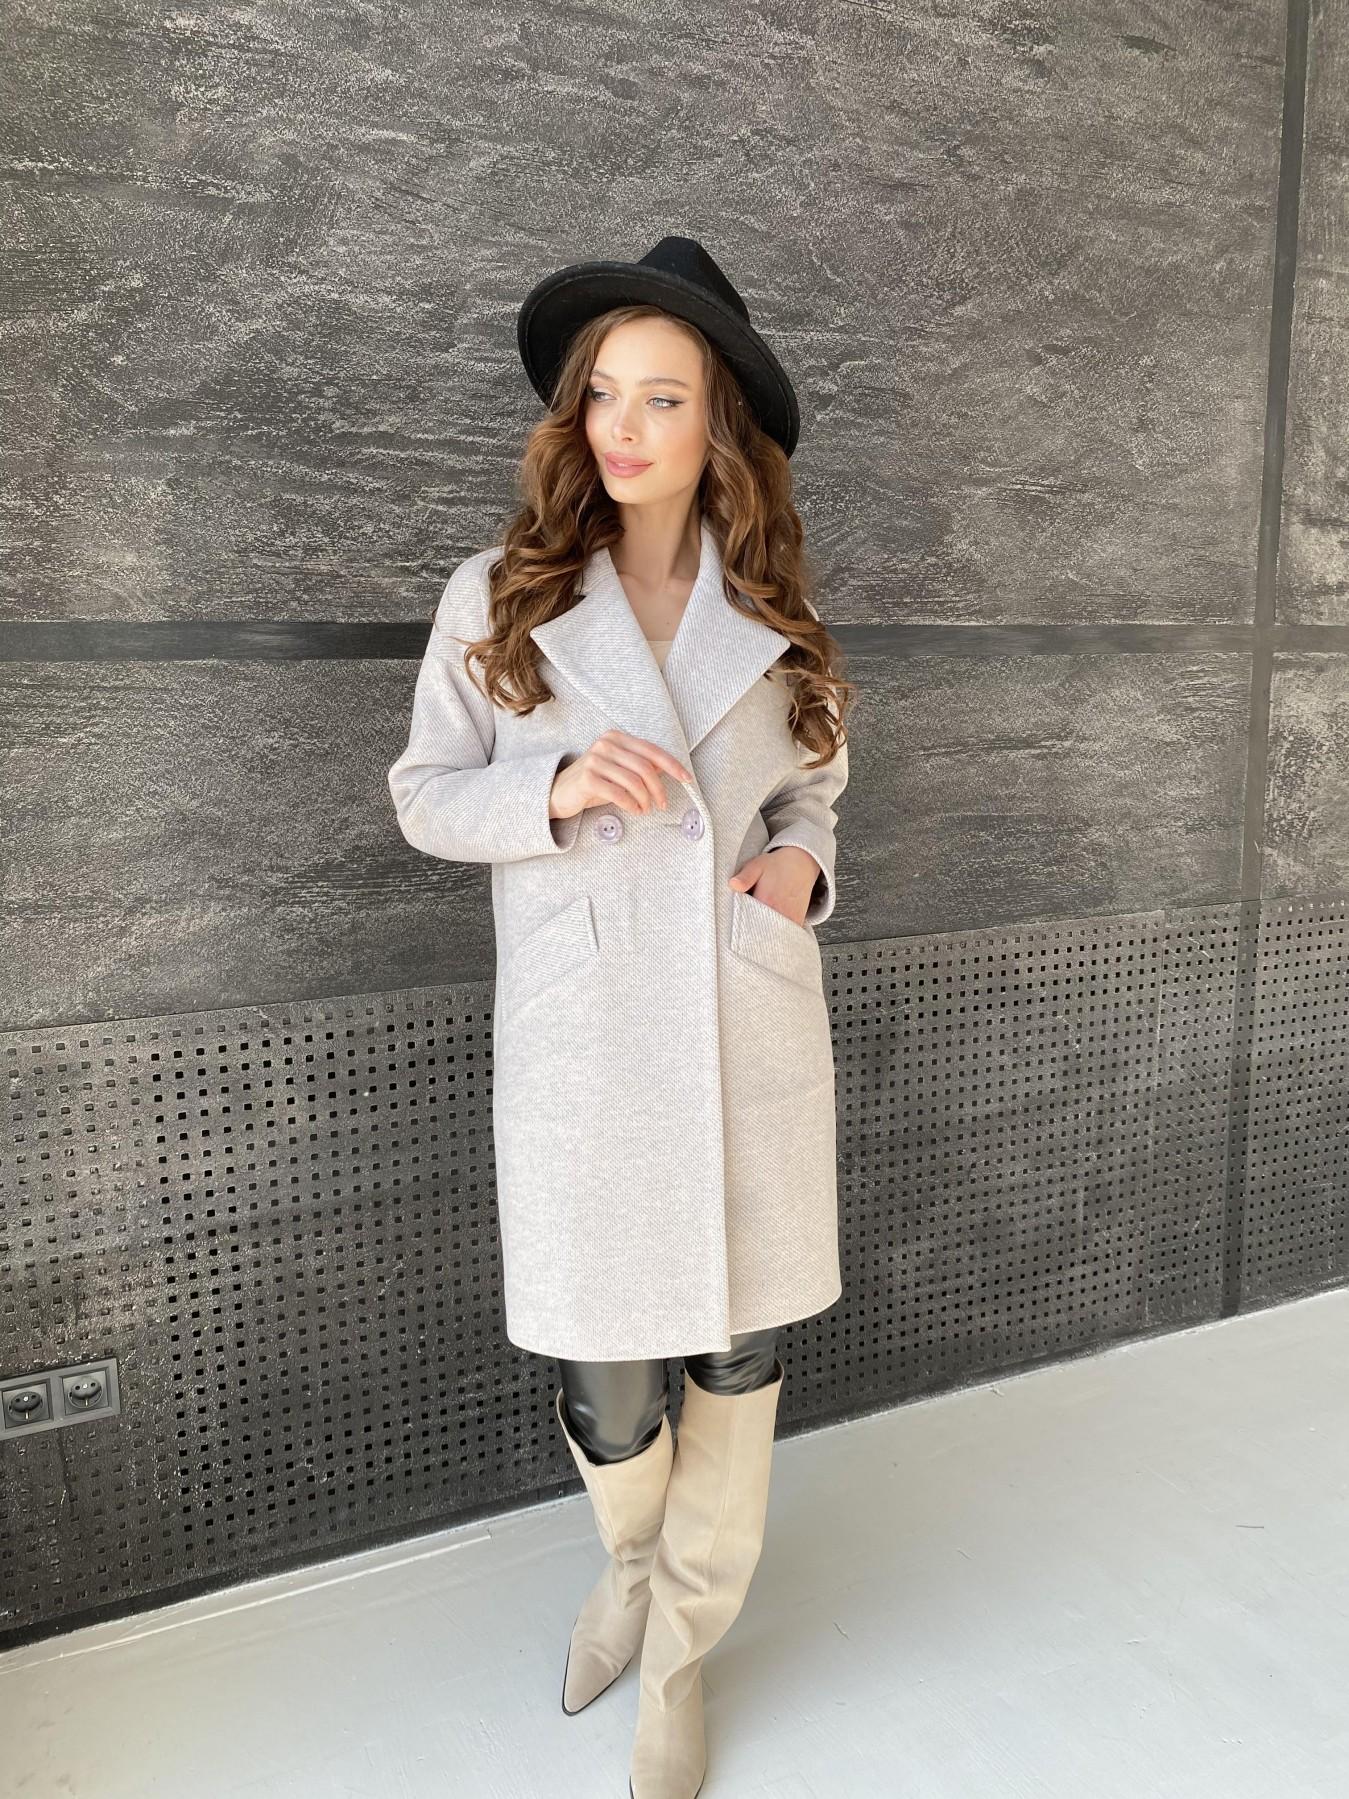 Сенсей Флеш пальто 10662 АРТ. 47187 Цвет: Бежевый 22 - фото 7, интернет магазин tm-modus.ru